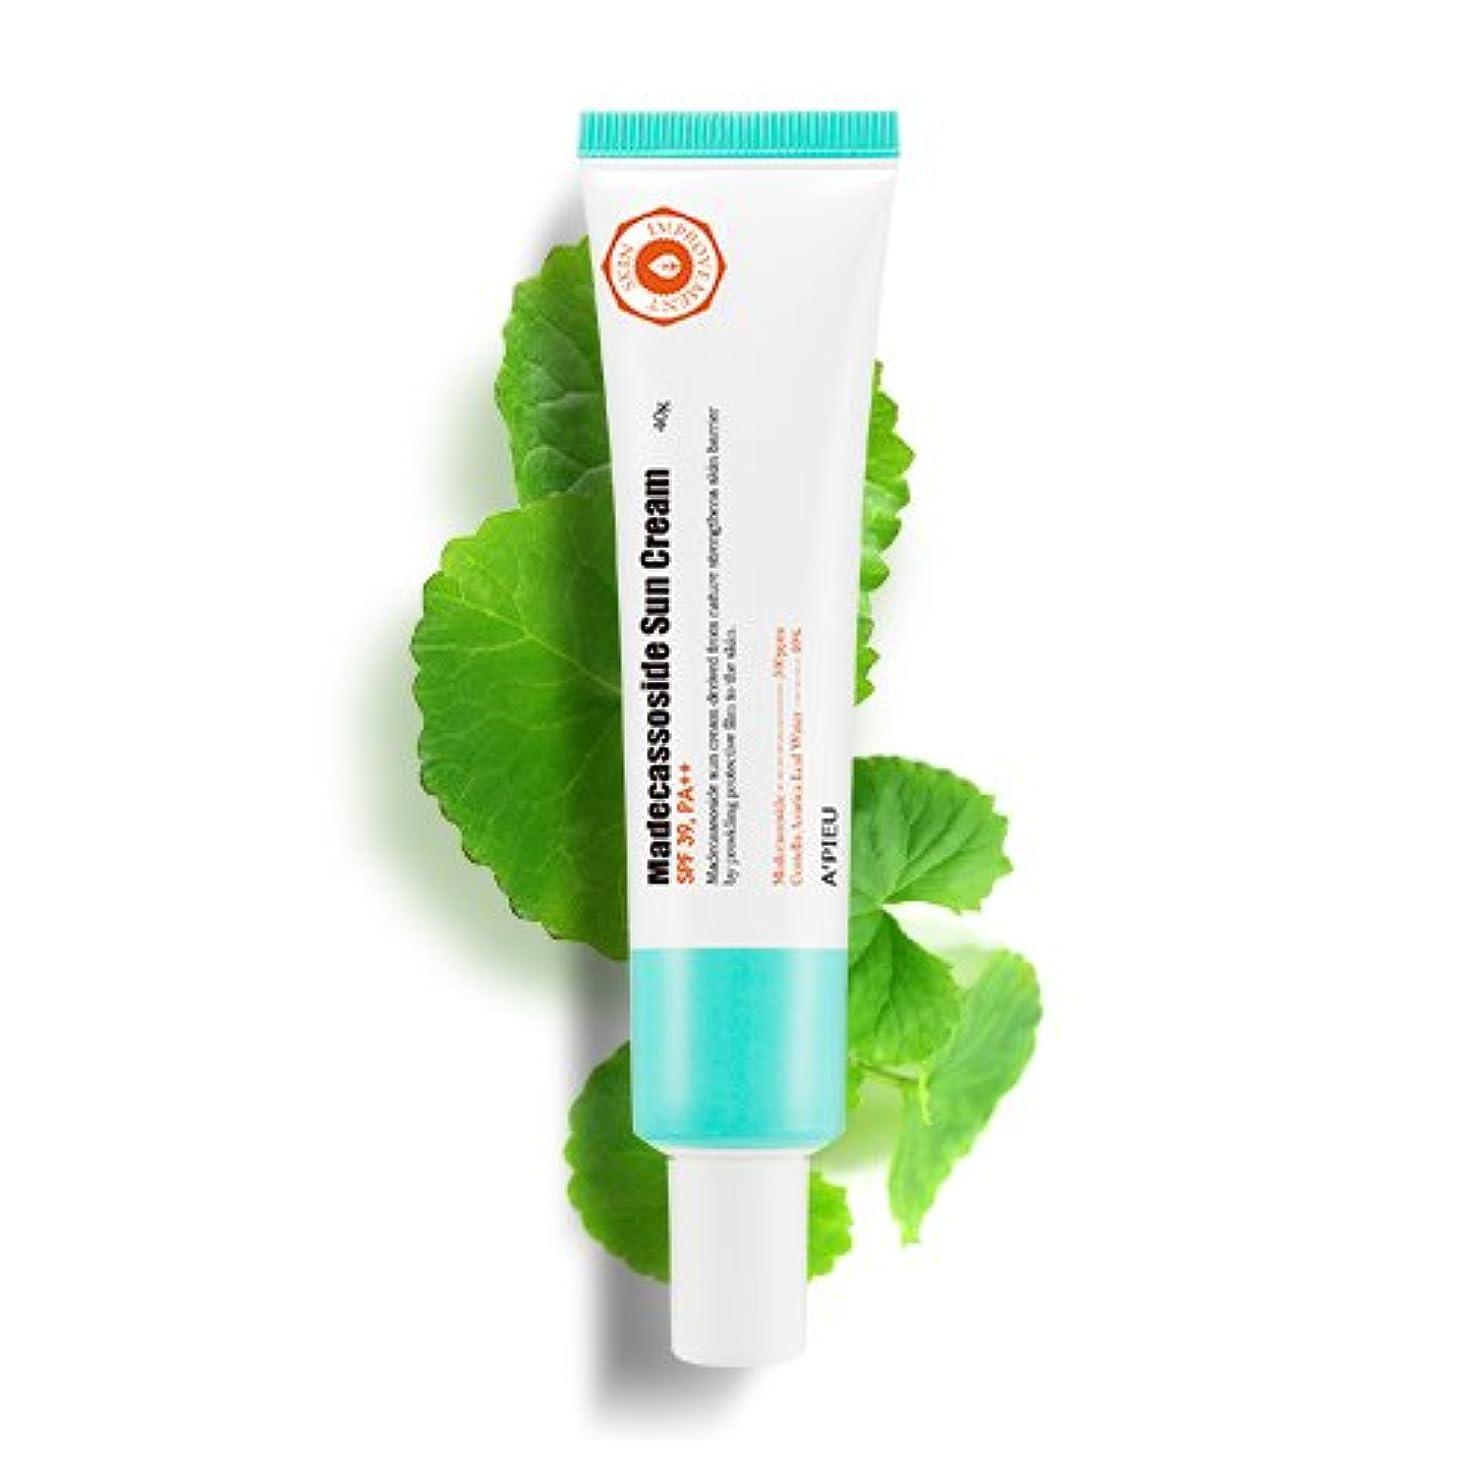 九月財布ナチュラルAPIEU Madecassoside Sun Cream アピュマデカソシドサンクリーム(SPF39, PA++) [並行輸入品]